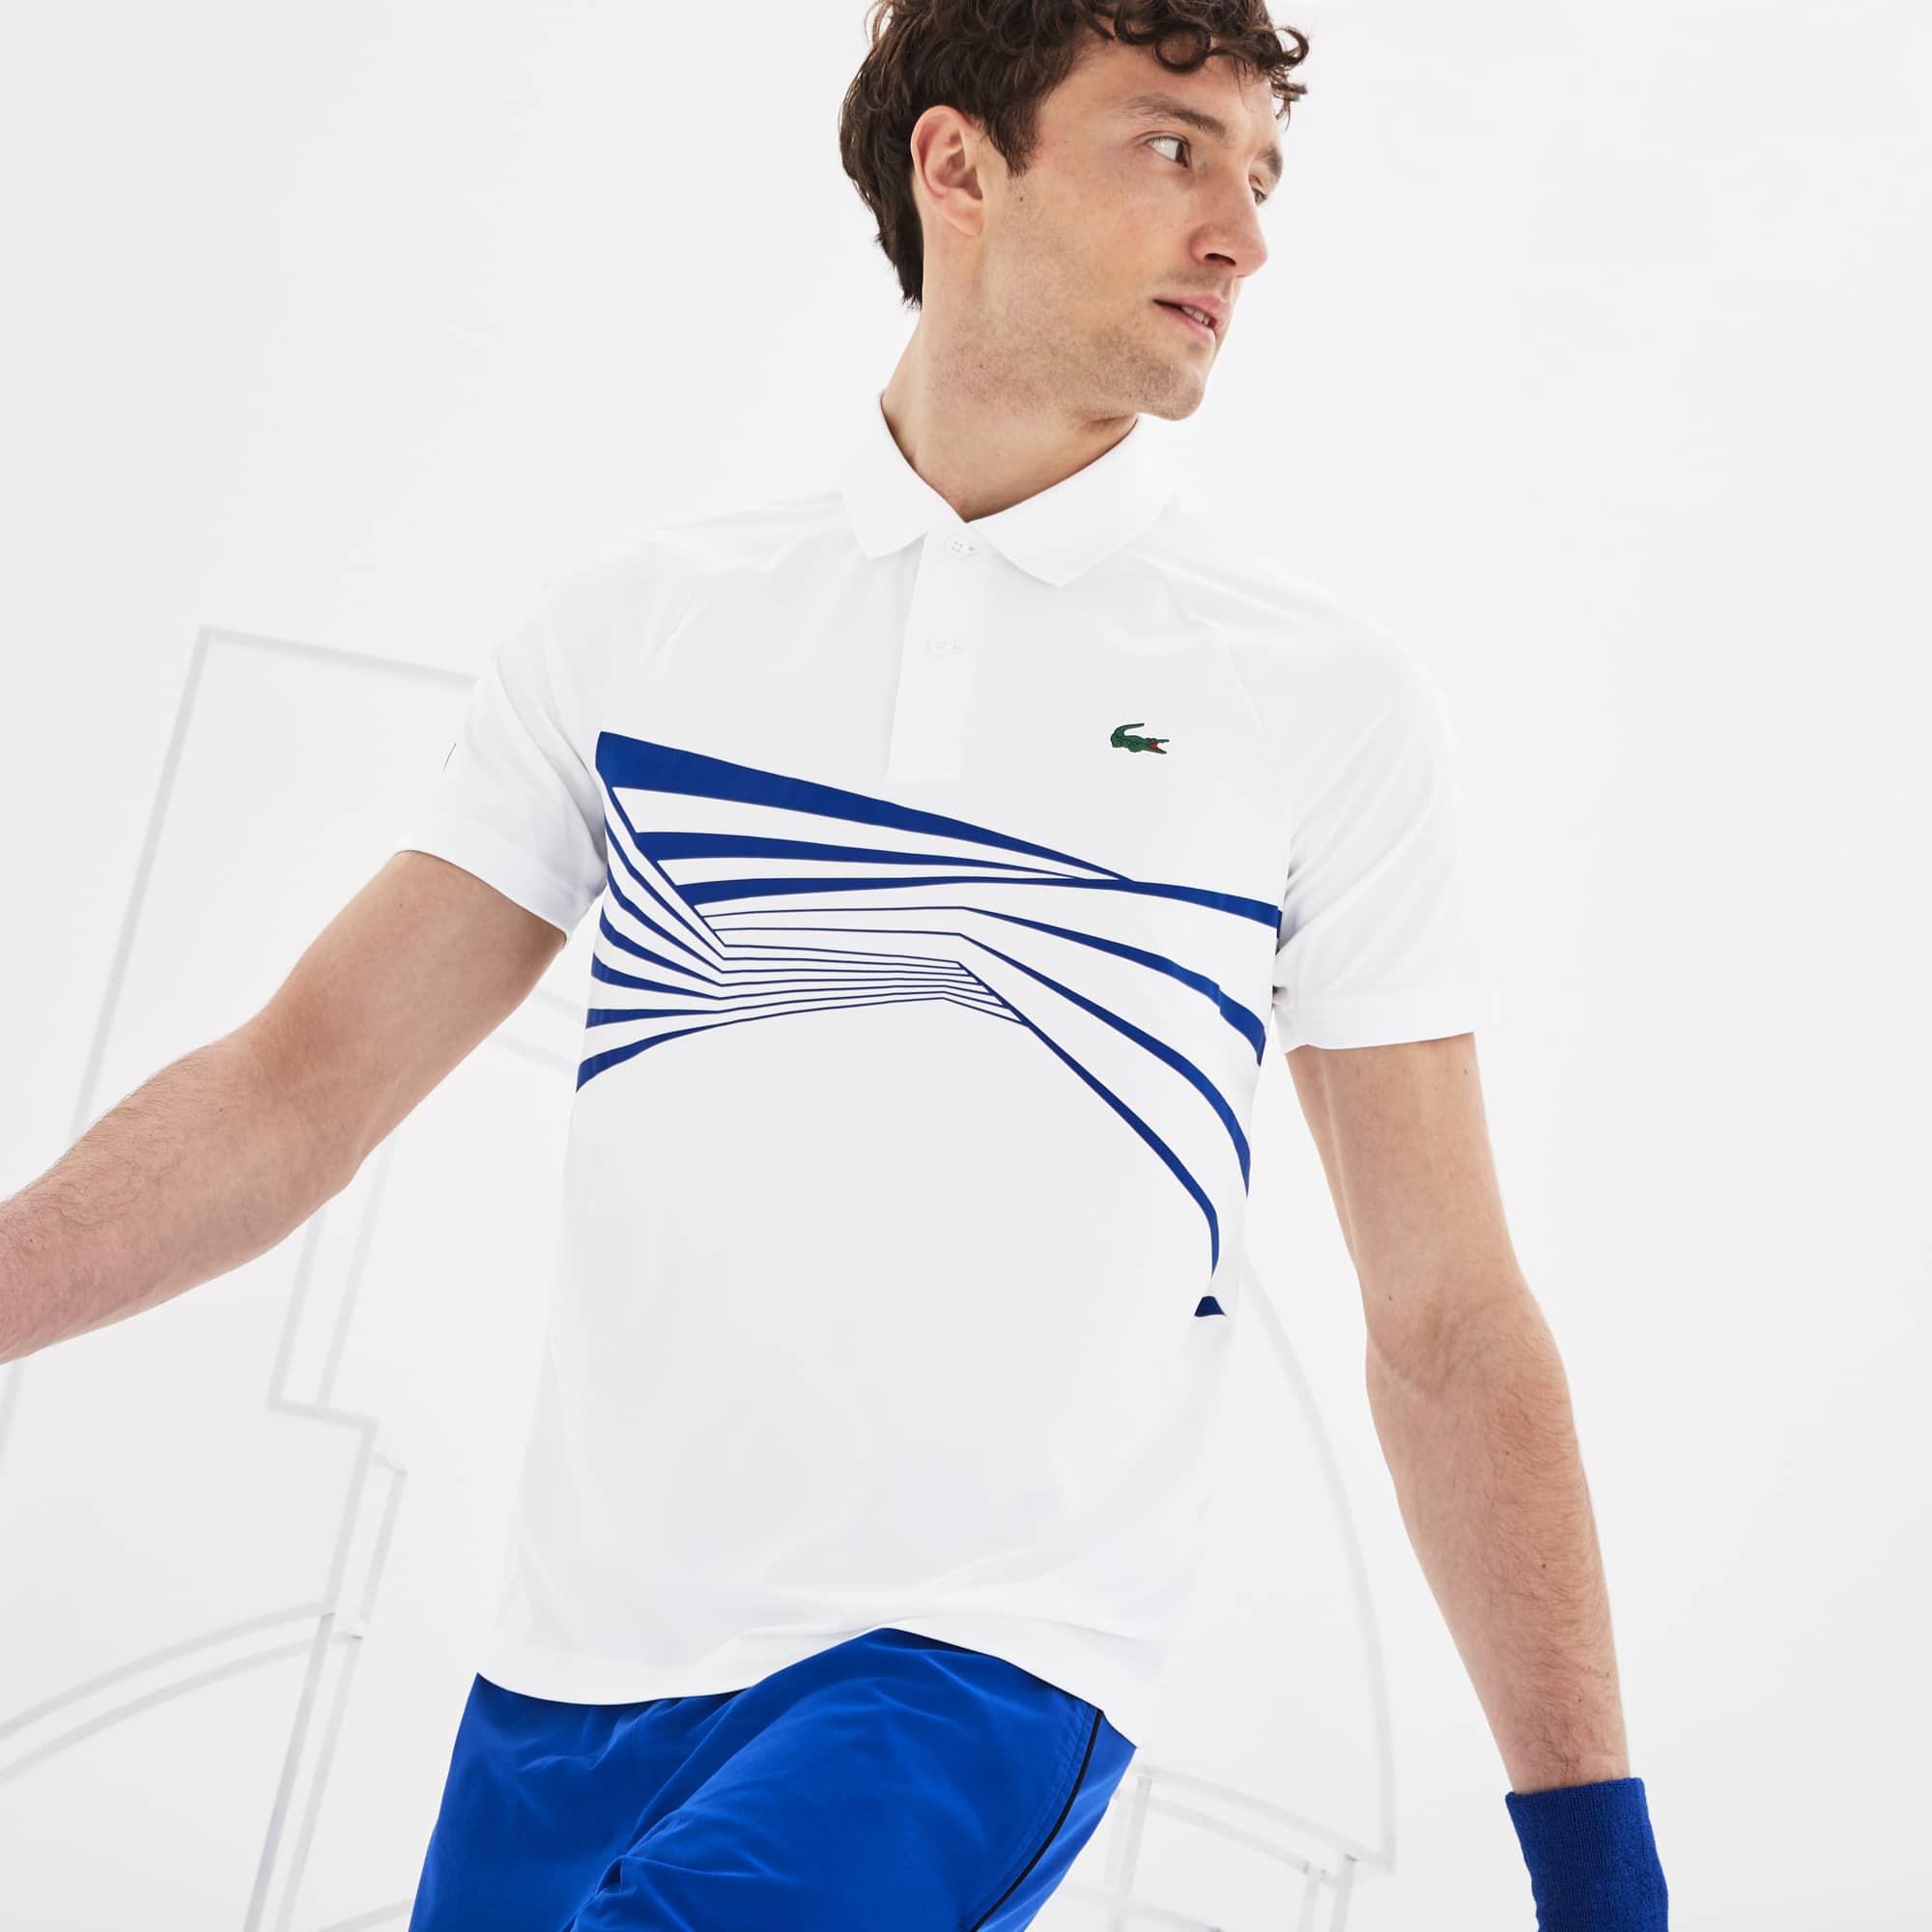 3c0a2732cd Polo Lacoste SPORT x Novak Djokovic à imprimé graphique | LACOSTE